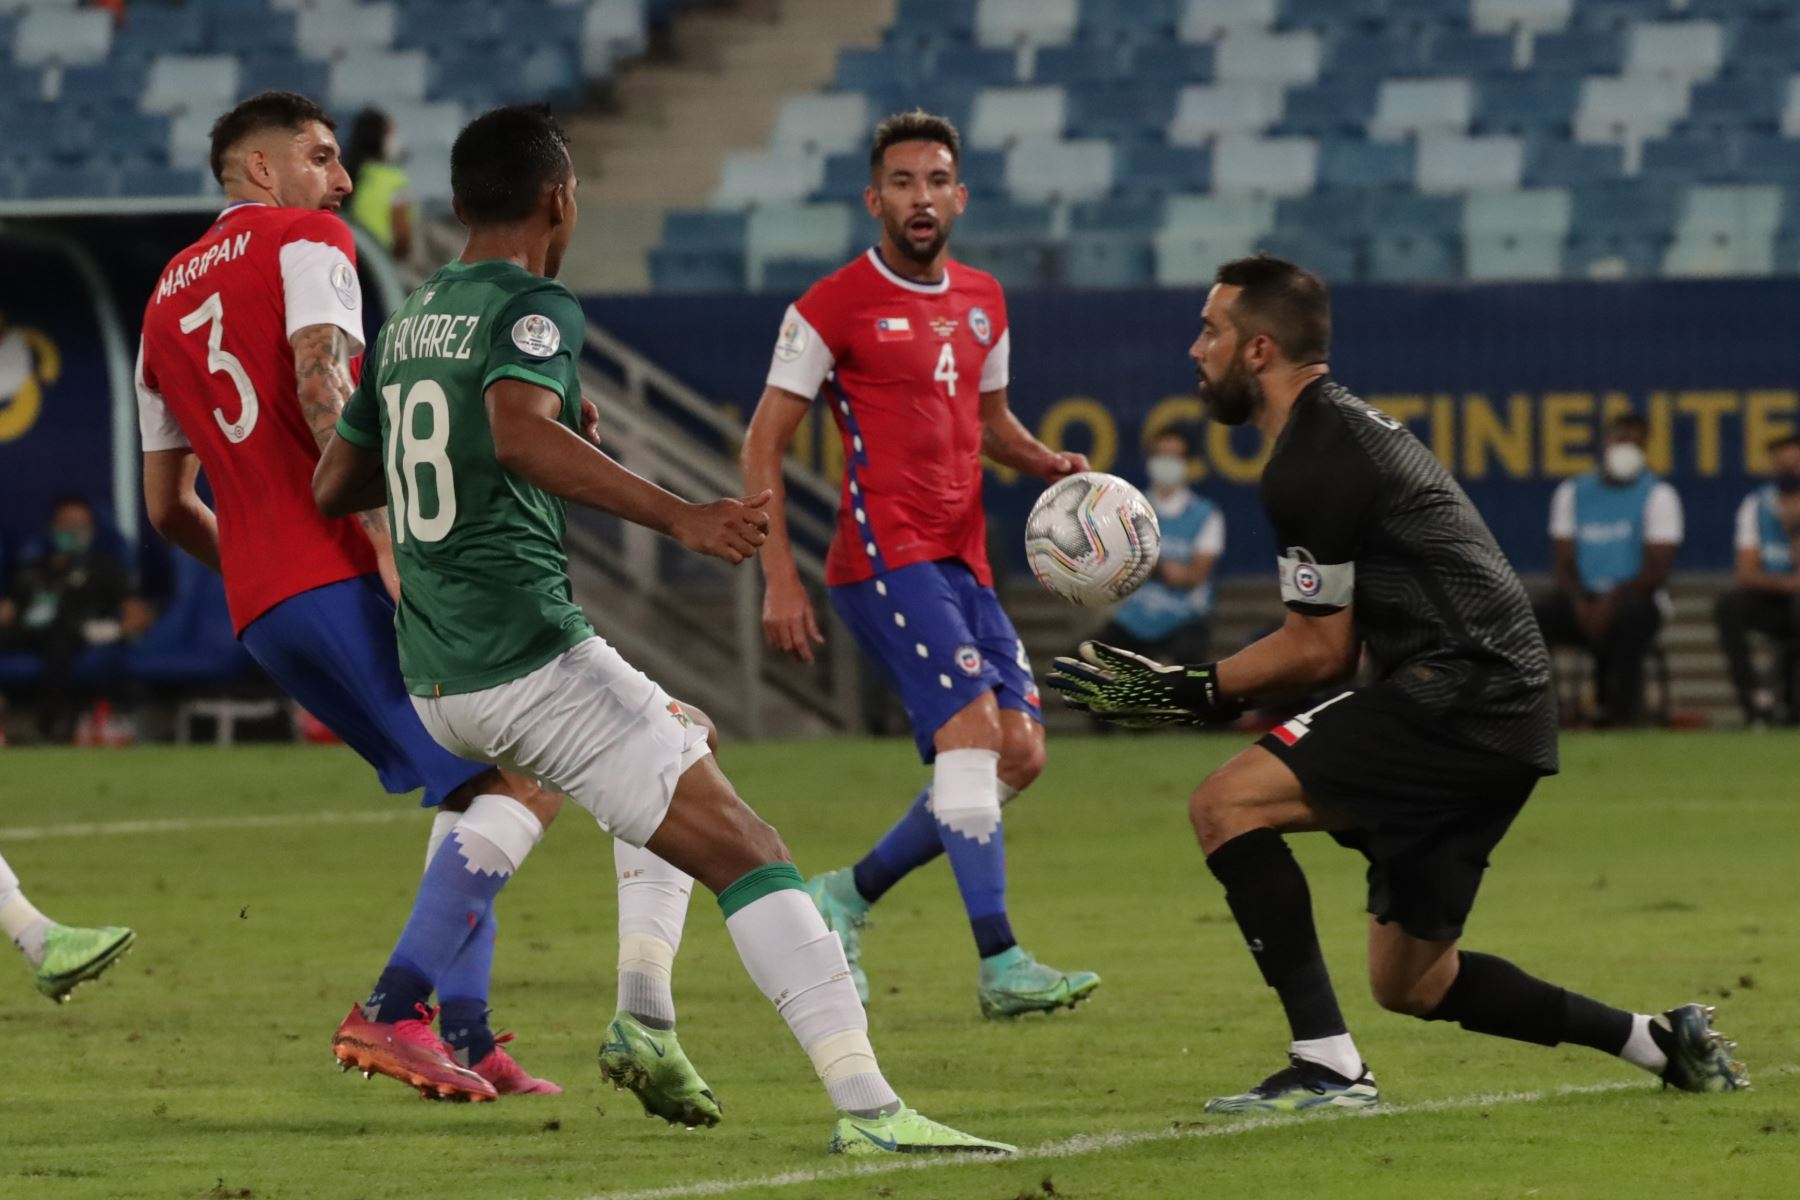 El arquero de Chile Claudio Bravo atrapa un balón ante Bolivia durante un partido por el grupo A de la Copa América, en el estadio Arena Pantanal de Cuiabá, Brasil. Foto: EFE